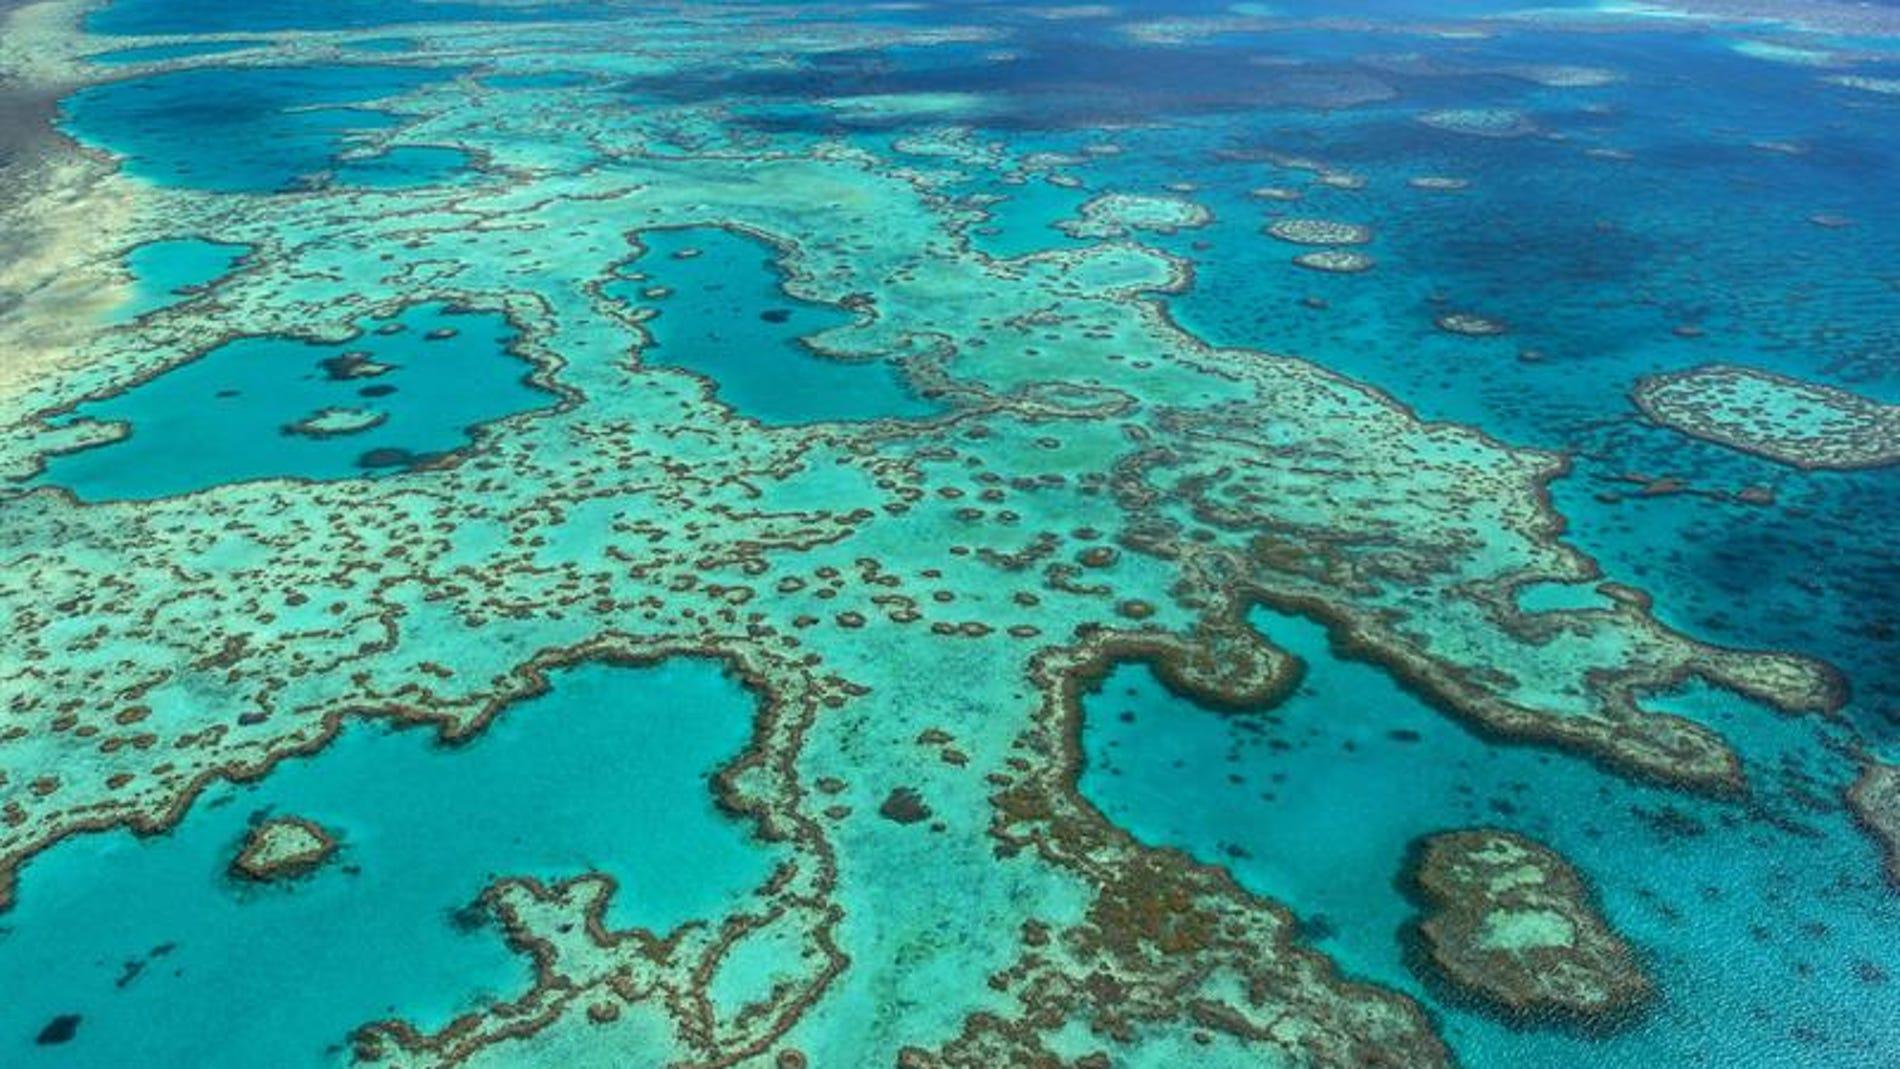 Fotografía facilitada por la Autoridad del Parque Marino de la Gran Barrera de Coral, frente a la costa noreste de Australia